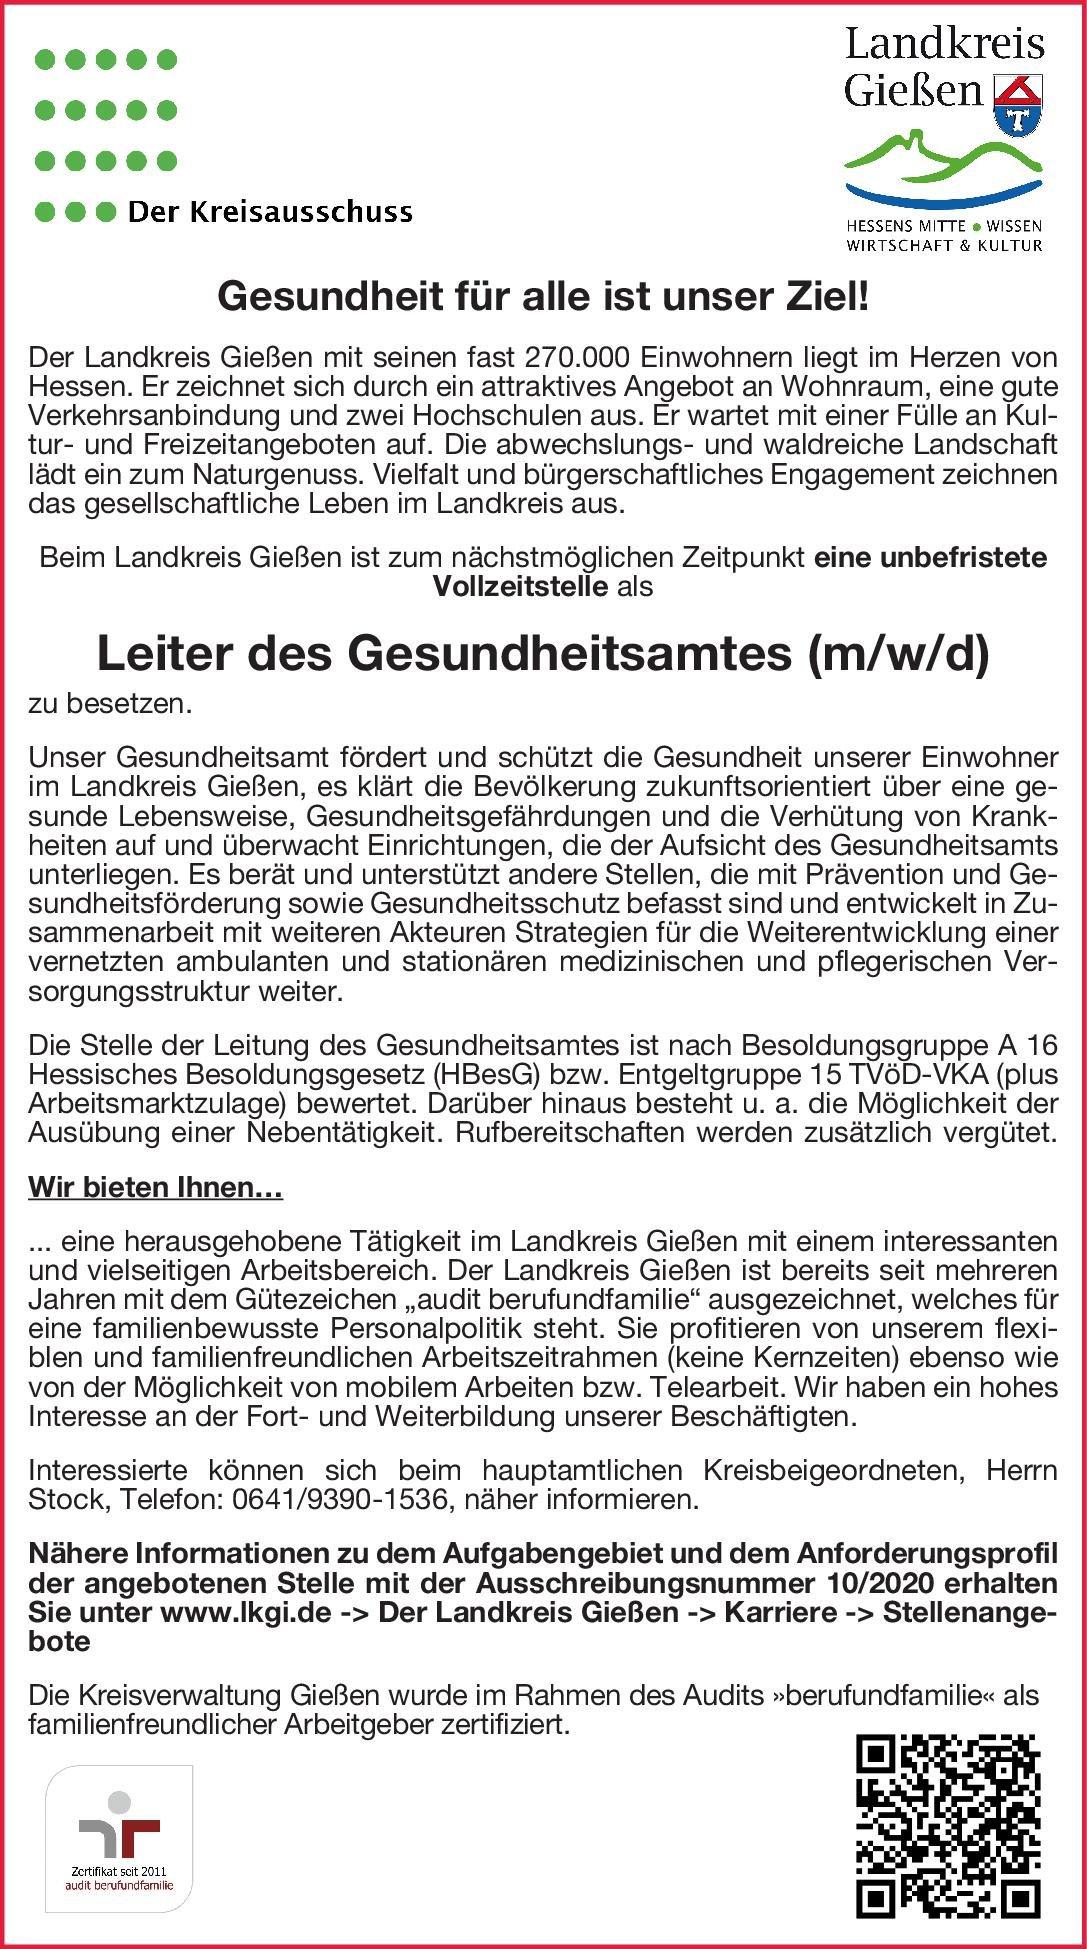 Landkreis Gießen Leiter des Gesundheitsamtes (m/w/d) Öffentliches Gesundheitswesen Arzt / Facharzt